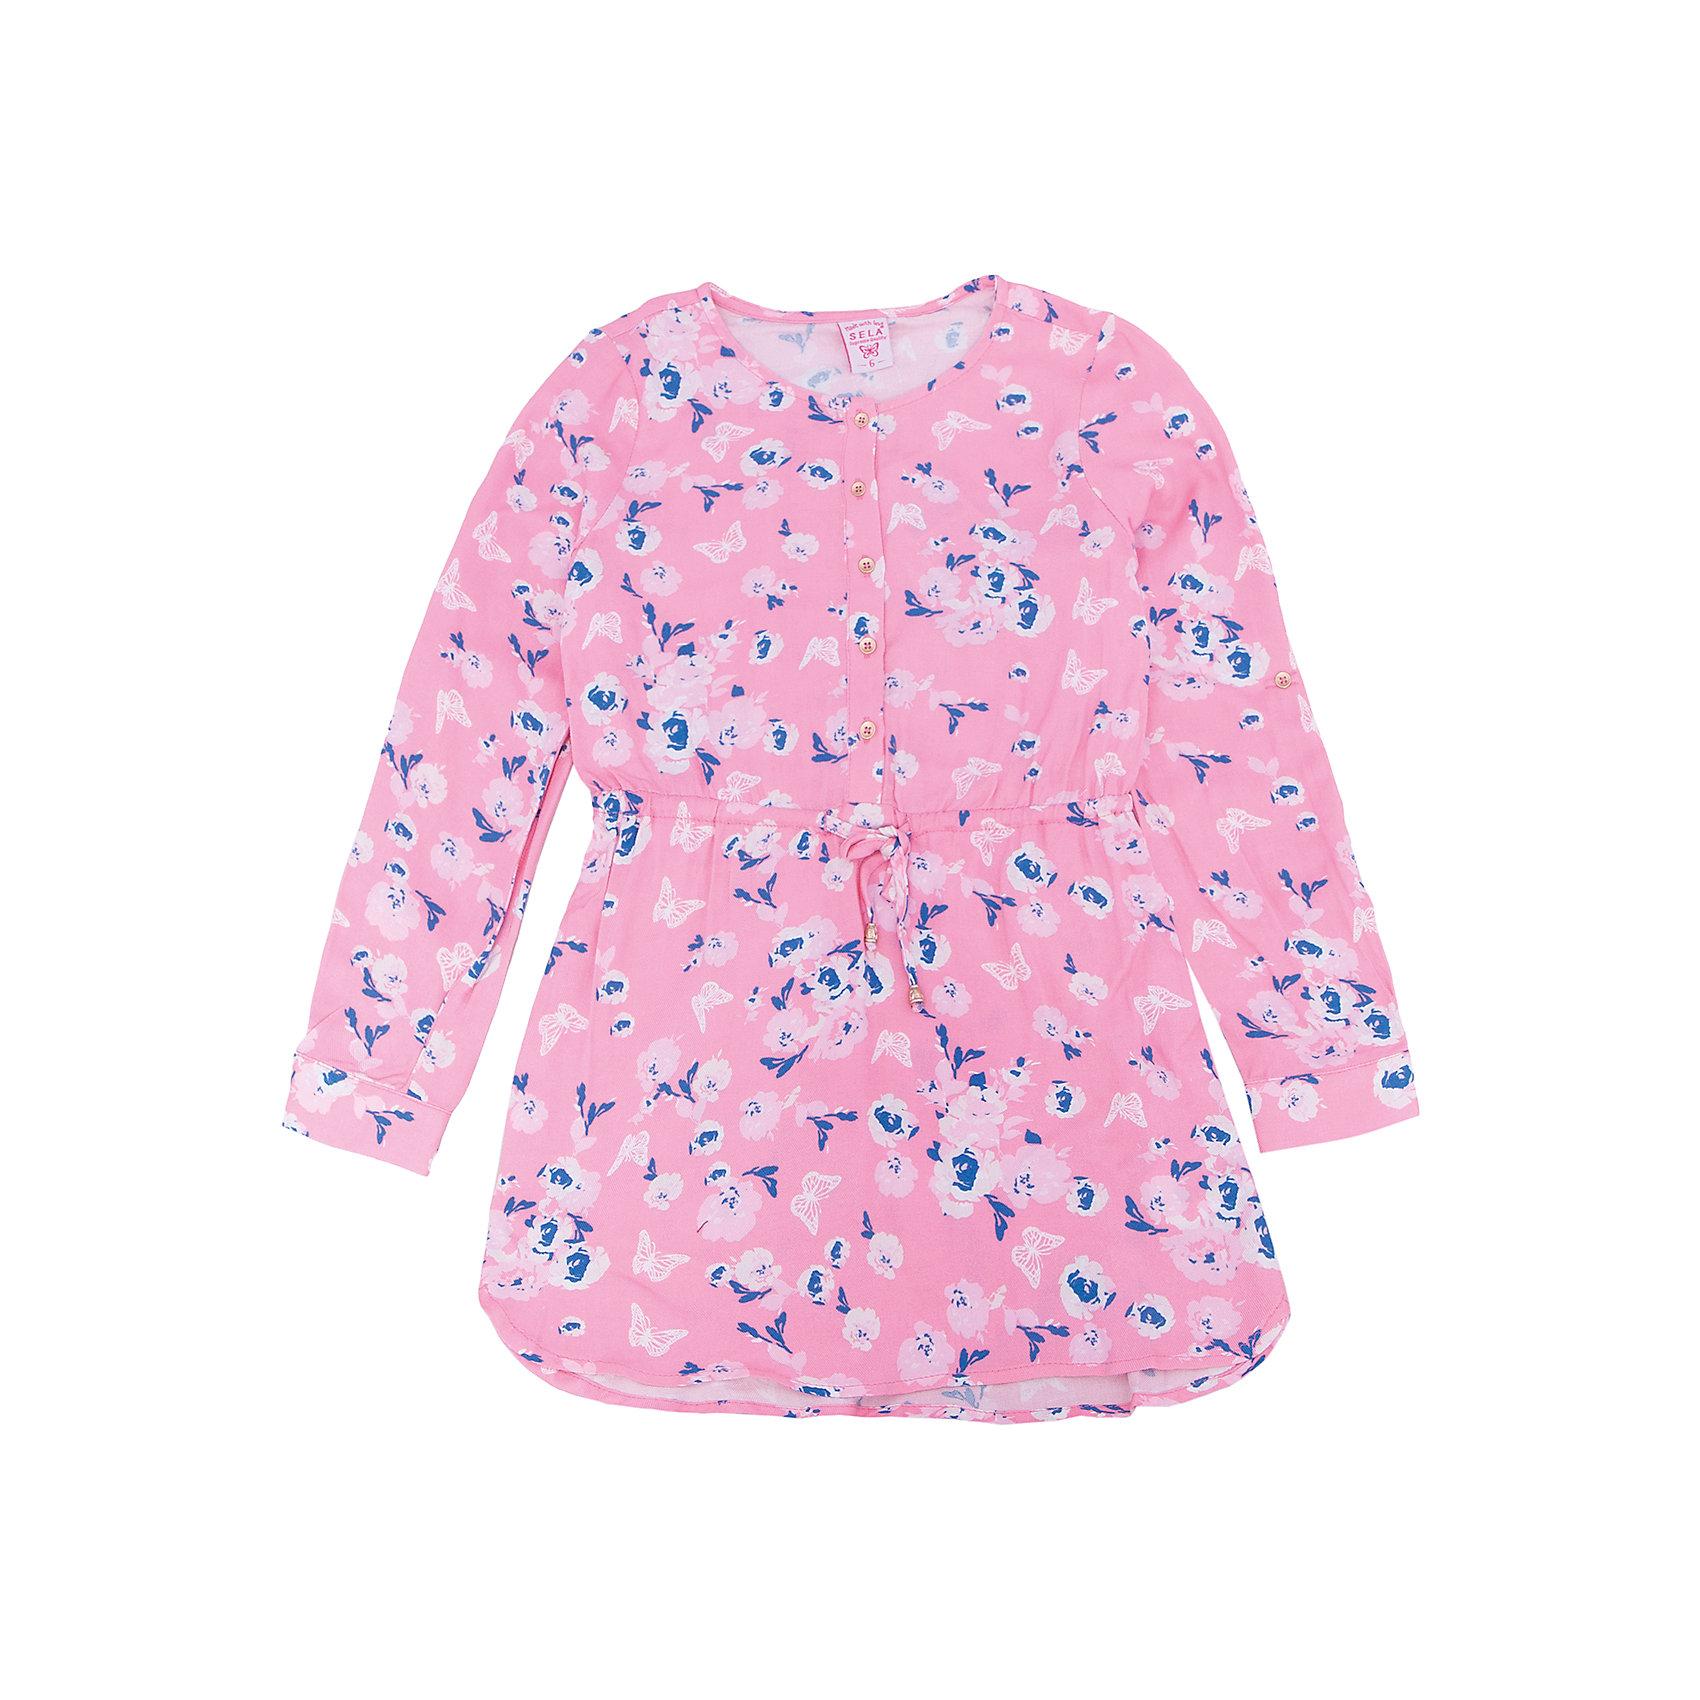 Платье для девочки SELAПлатья и сарафаны<br>Характеристики товара:<br><br>• цвет: розовый<br>• состав: 100% вискоза<br>• декорировано цветочным принтом<br>• приталенное<br>• длинные рукава<br>• застёгивается на пуговицы<br>• коллекция весна-лето 2017<br>• страна бренда: Российская Федерация<br>• страна изготовитель: Китай<br><br>В новой коллекции SELA отличные модели одежды! Это платье для девочки поможет разнообразить гардероб ребенка и обеспечить комфорт. Оно отлично сочетается с различной обувью. Стильная и удобная вещь!<br><br>Одежда, обувь и аксессуары от российского бренда SELA не зря пользуются большой популярностью у детей и взрослых! Модели этой марки - стильные и удобные, цена при этом неизменно остается доступной. Для их производства используются только безопасные, качественные материалы и фурнитура. Новая коллекция поддерживает хорошие традиции бренда! <br><br>Платье для девочки от популярного бренда SELA (СЕЛА) можно купить в нашем интернет-магазине.<br><br>Ширина мм: 236<br>Глубина мм: 16<br>Высота мм: 184<br>Вес г: 177<br>Цвет: розовый<br>Возраст от месяцев: 96<br>Возраст до месяцев: 108<br>Пол: Женский<br>Возраст: Детский<br>Размер: 134,140,146,152,116,122,128<br>SKU: 5305241